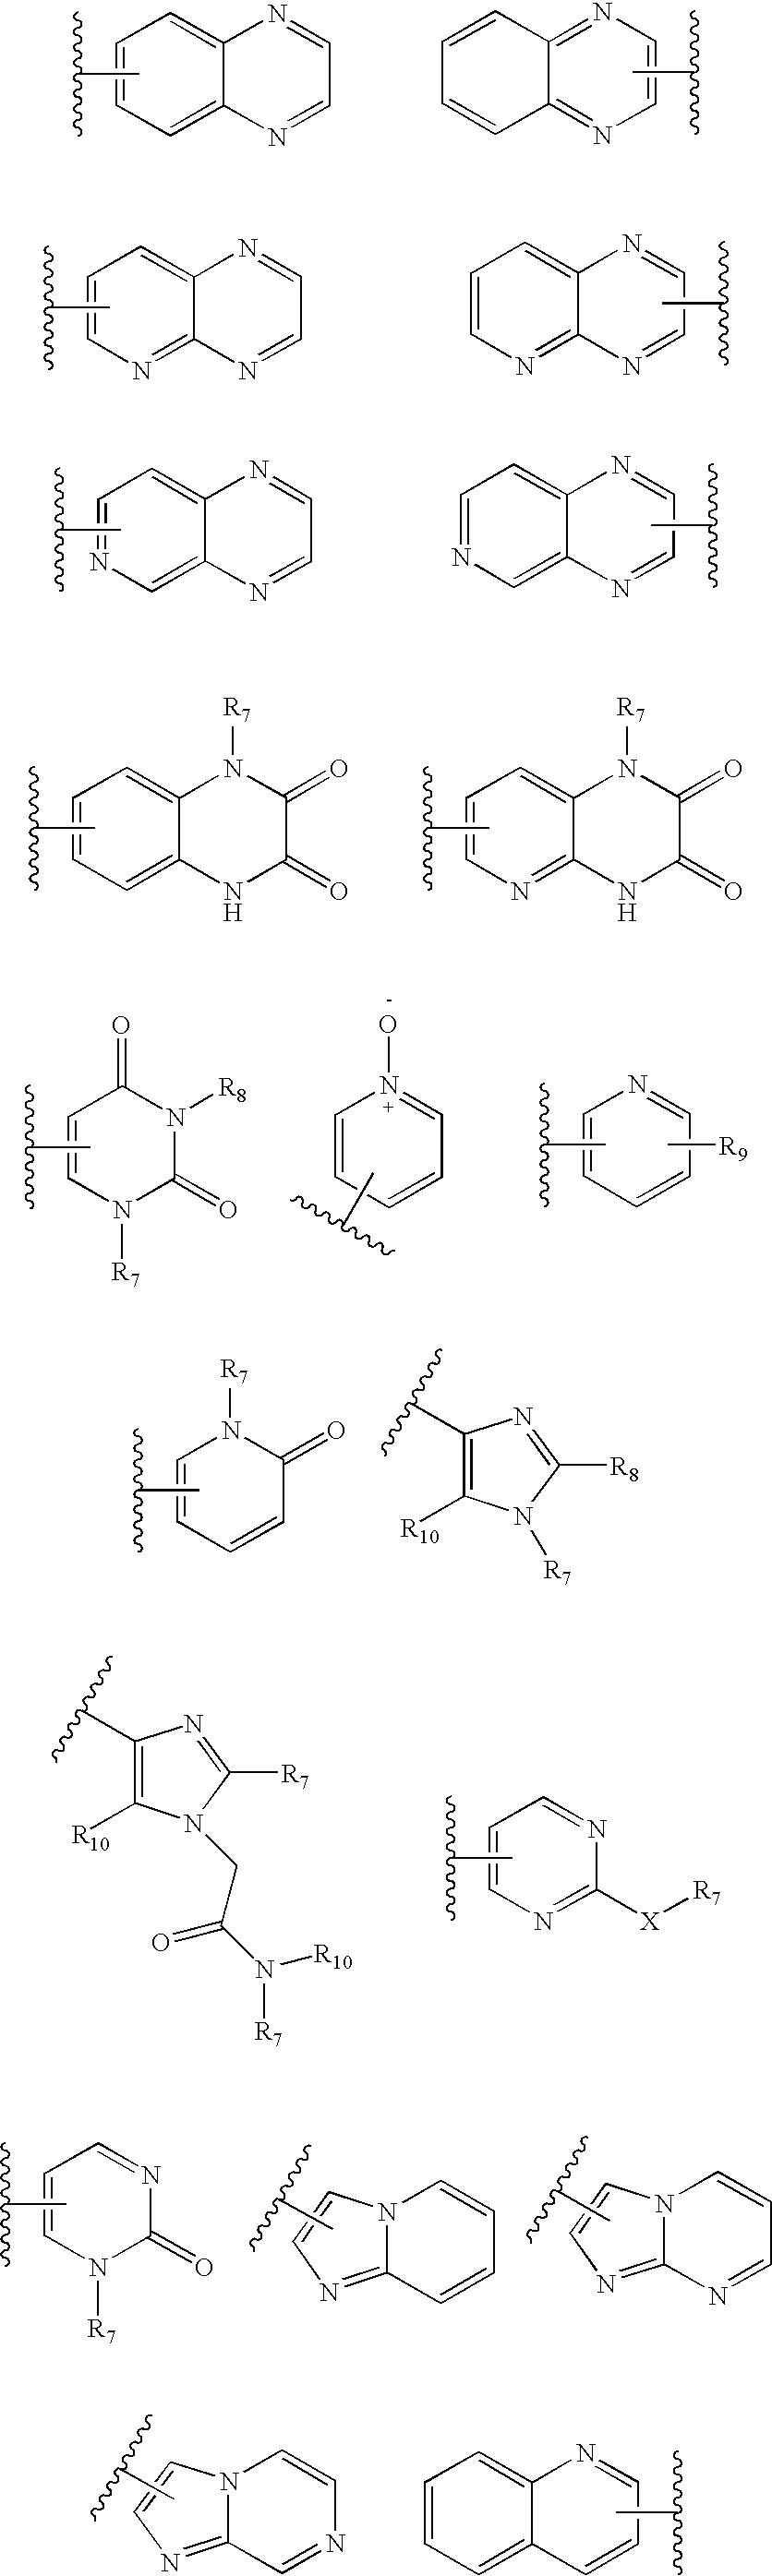 Figure US20060189617A1-20060824-C00013